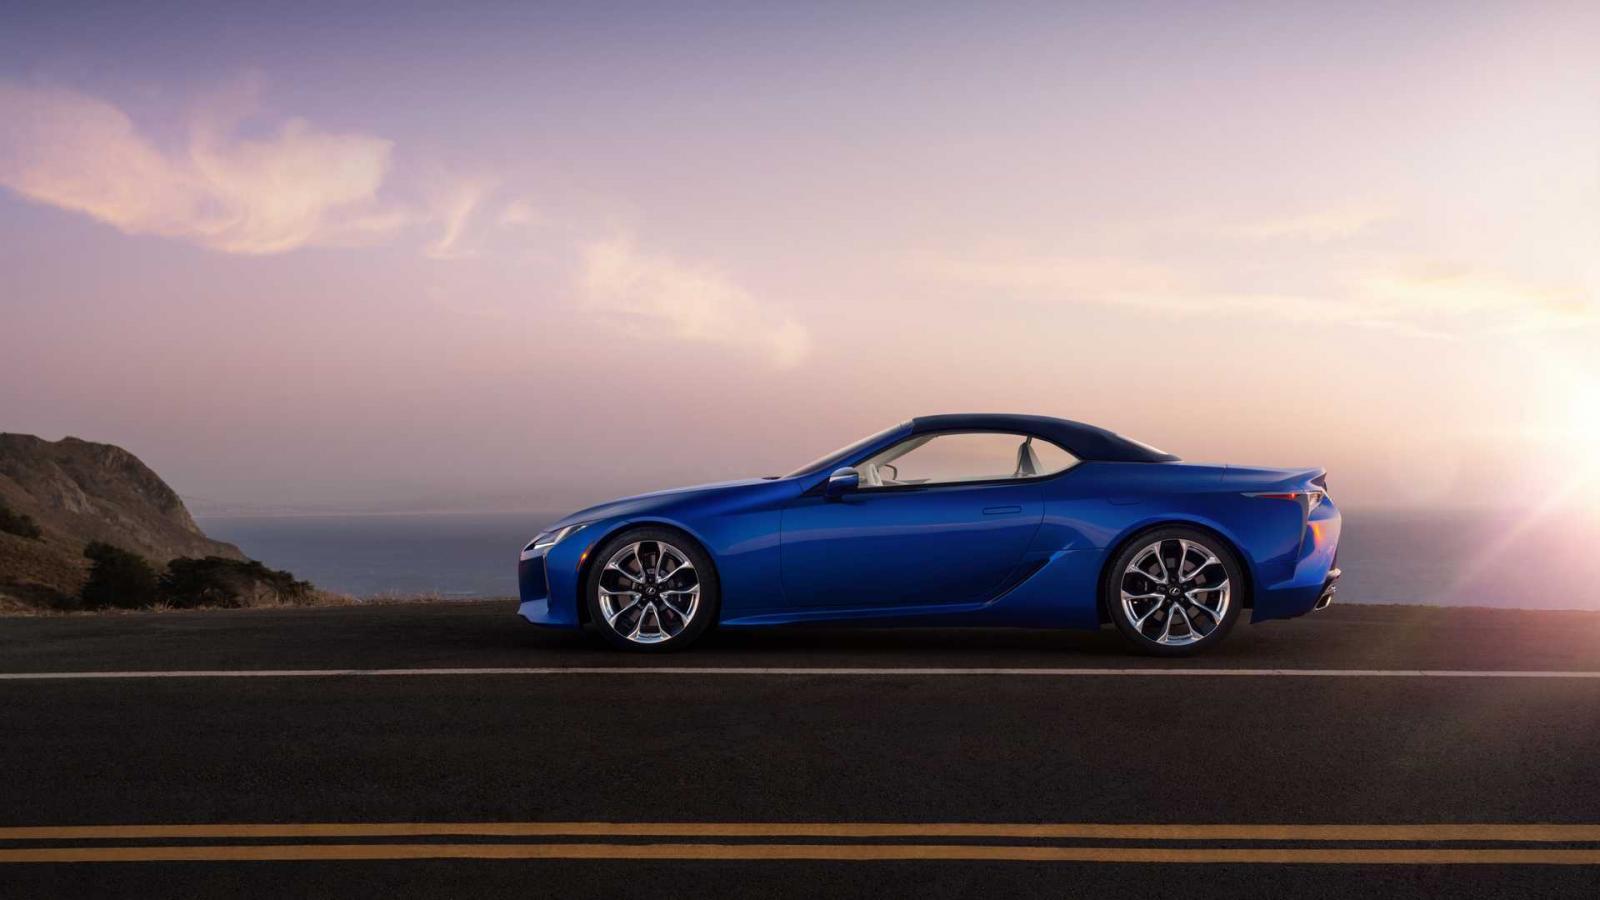 El Lexus LC 500 Convertible debutará en el mercado hasta mediados del 2020